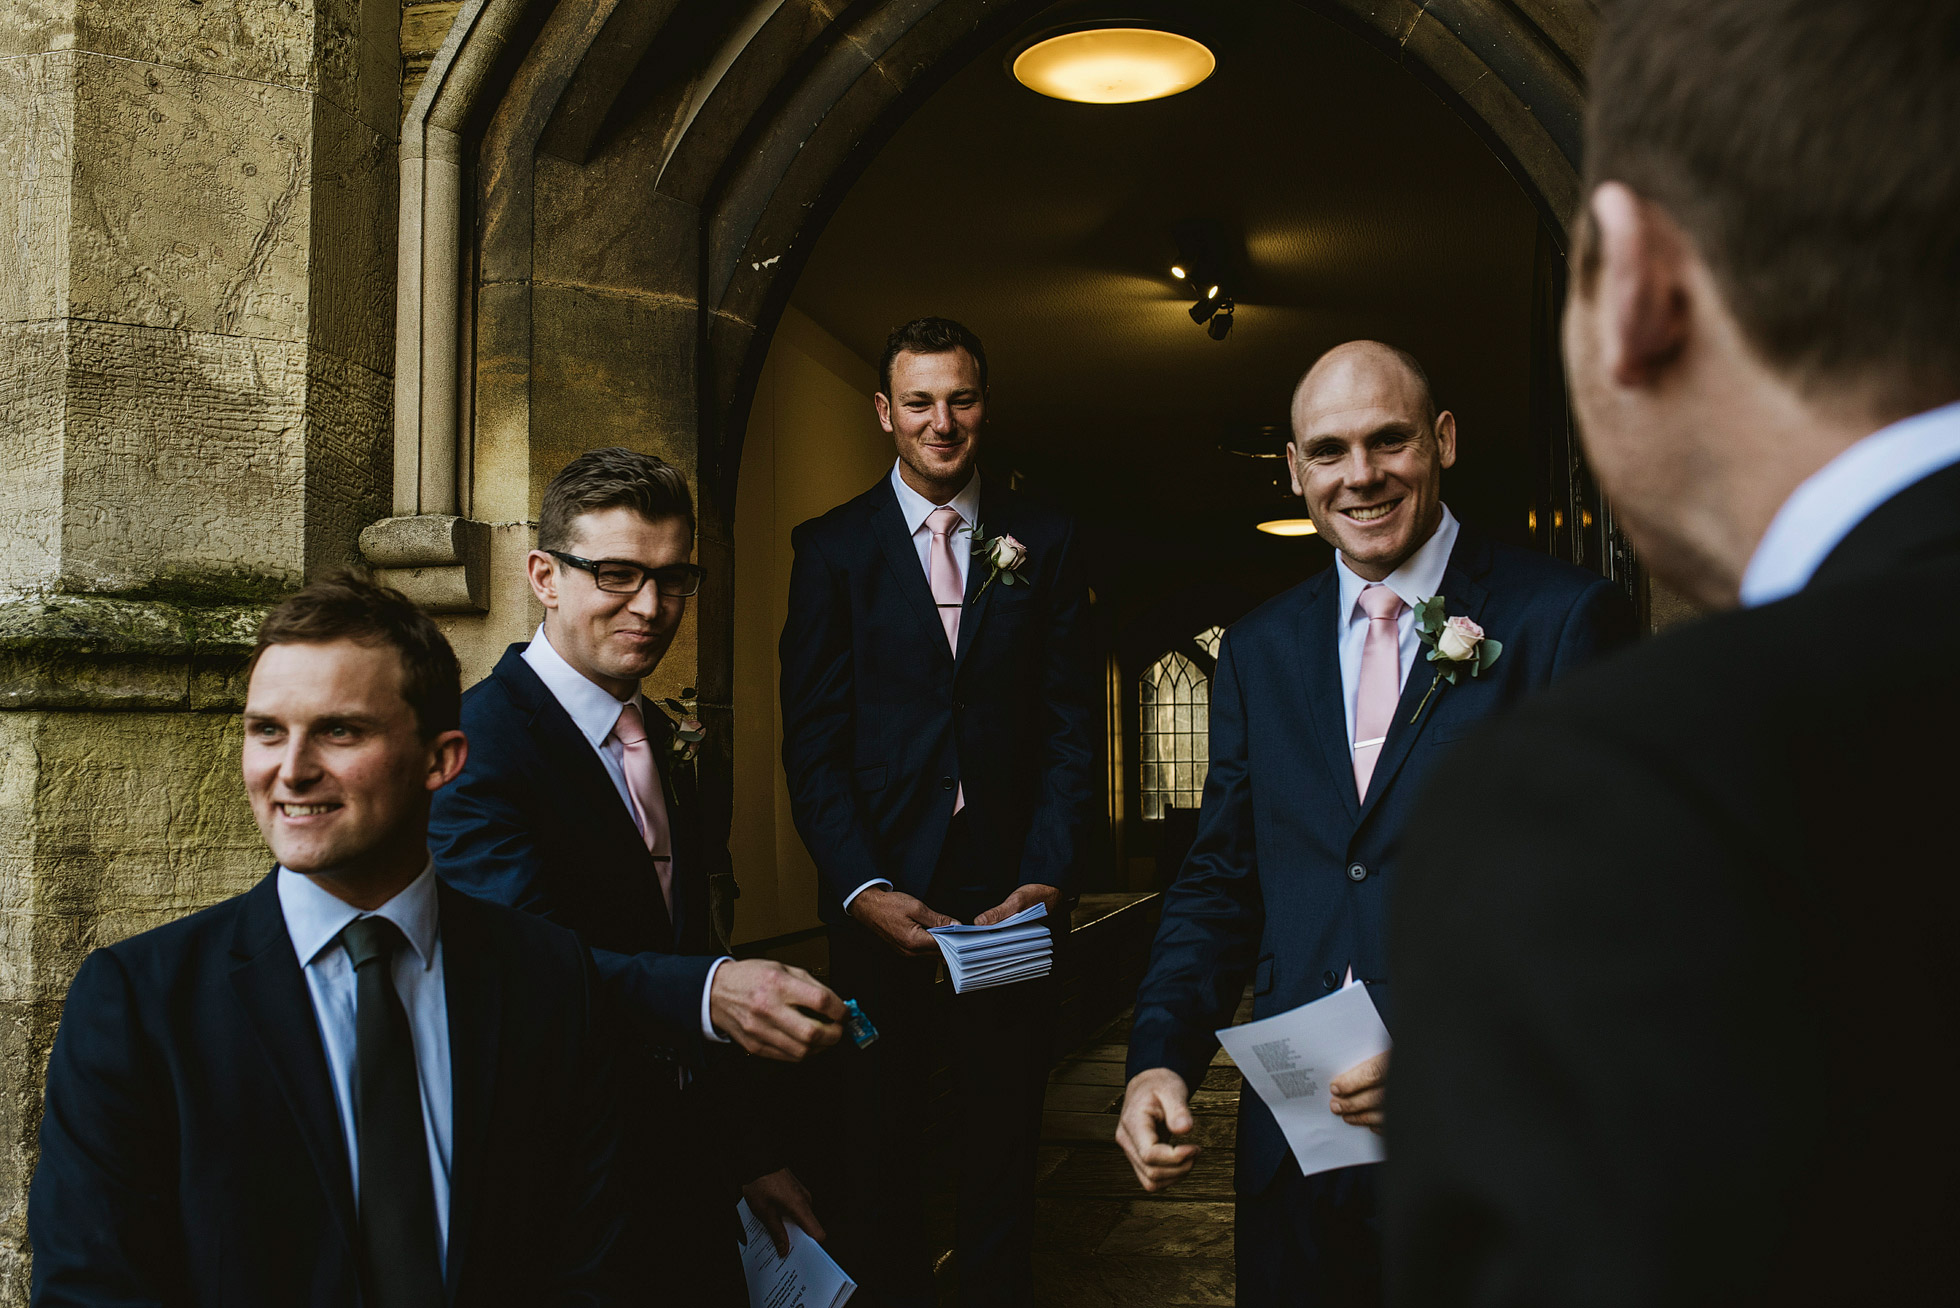 Yorkshire Wedding Ceremony